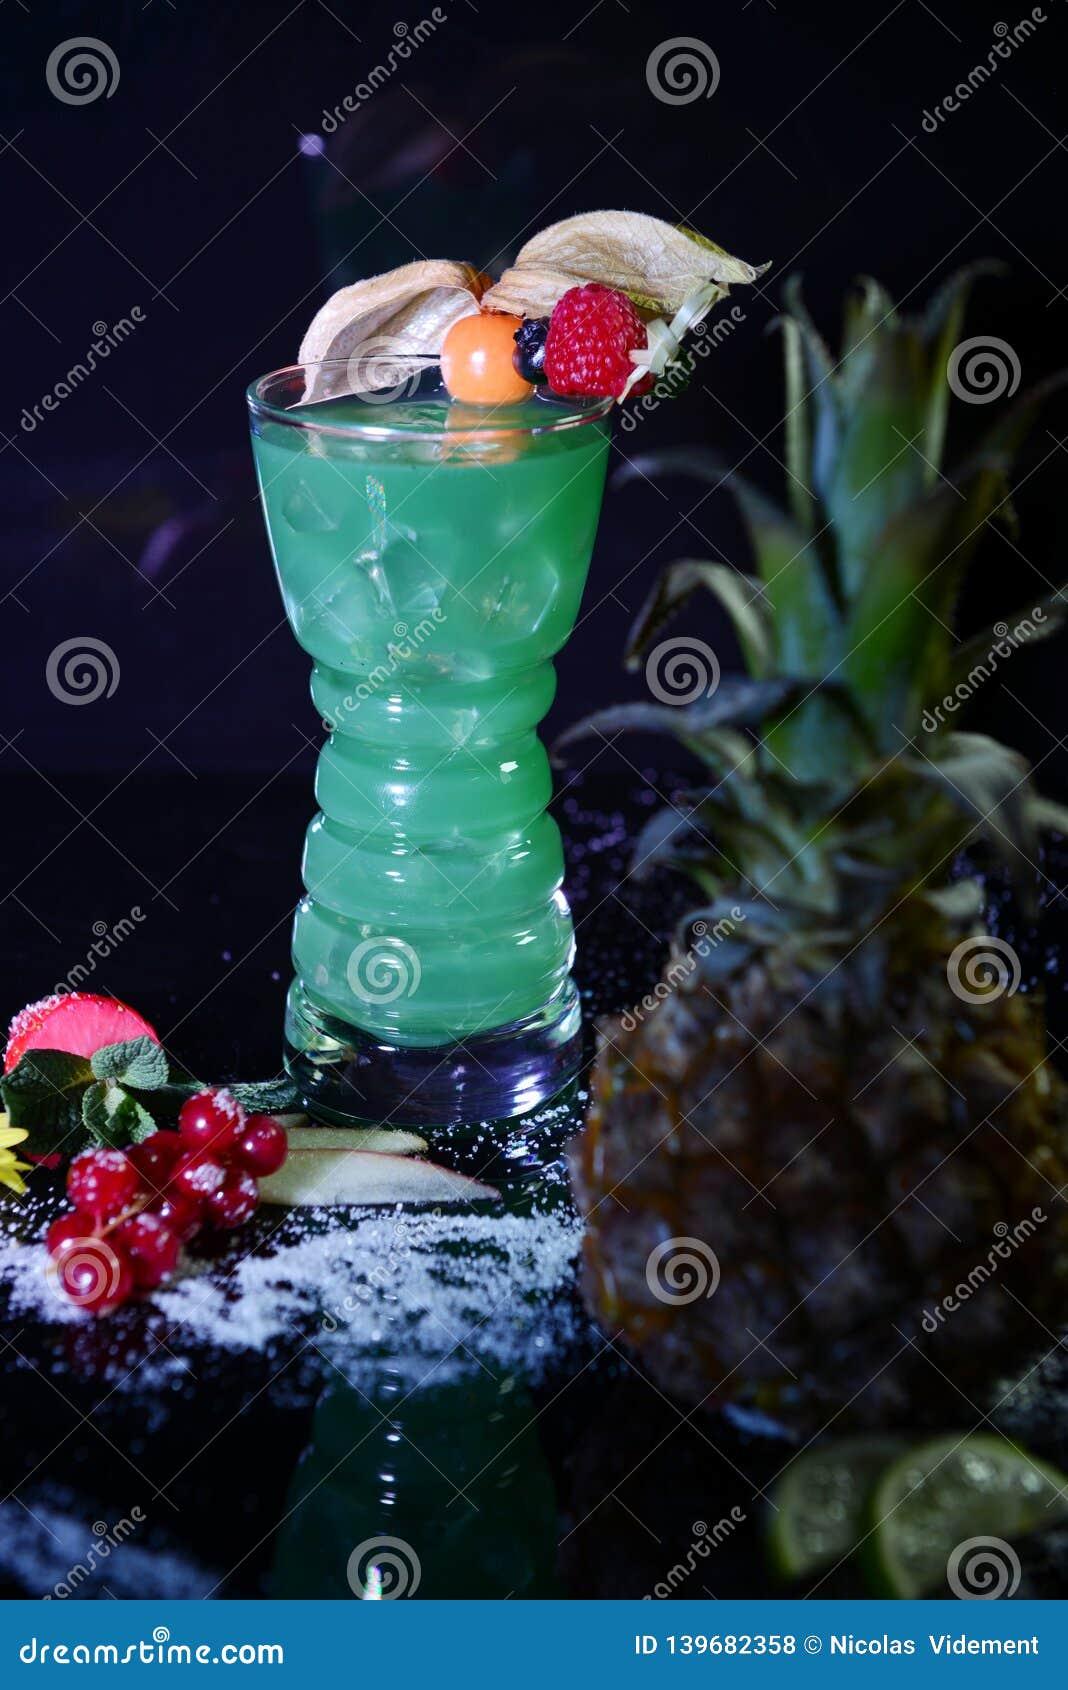 Неоновый зеленый коктейль с плодами на черной предпосылке